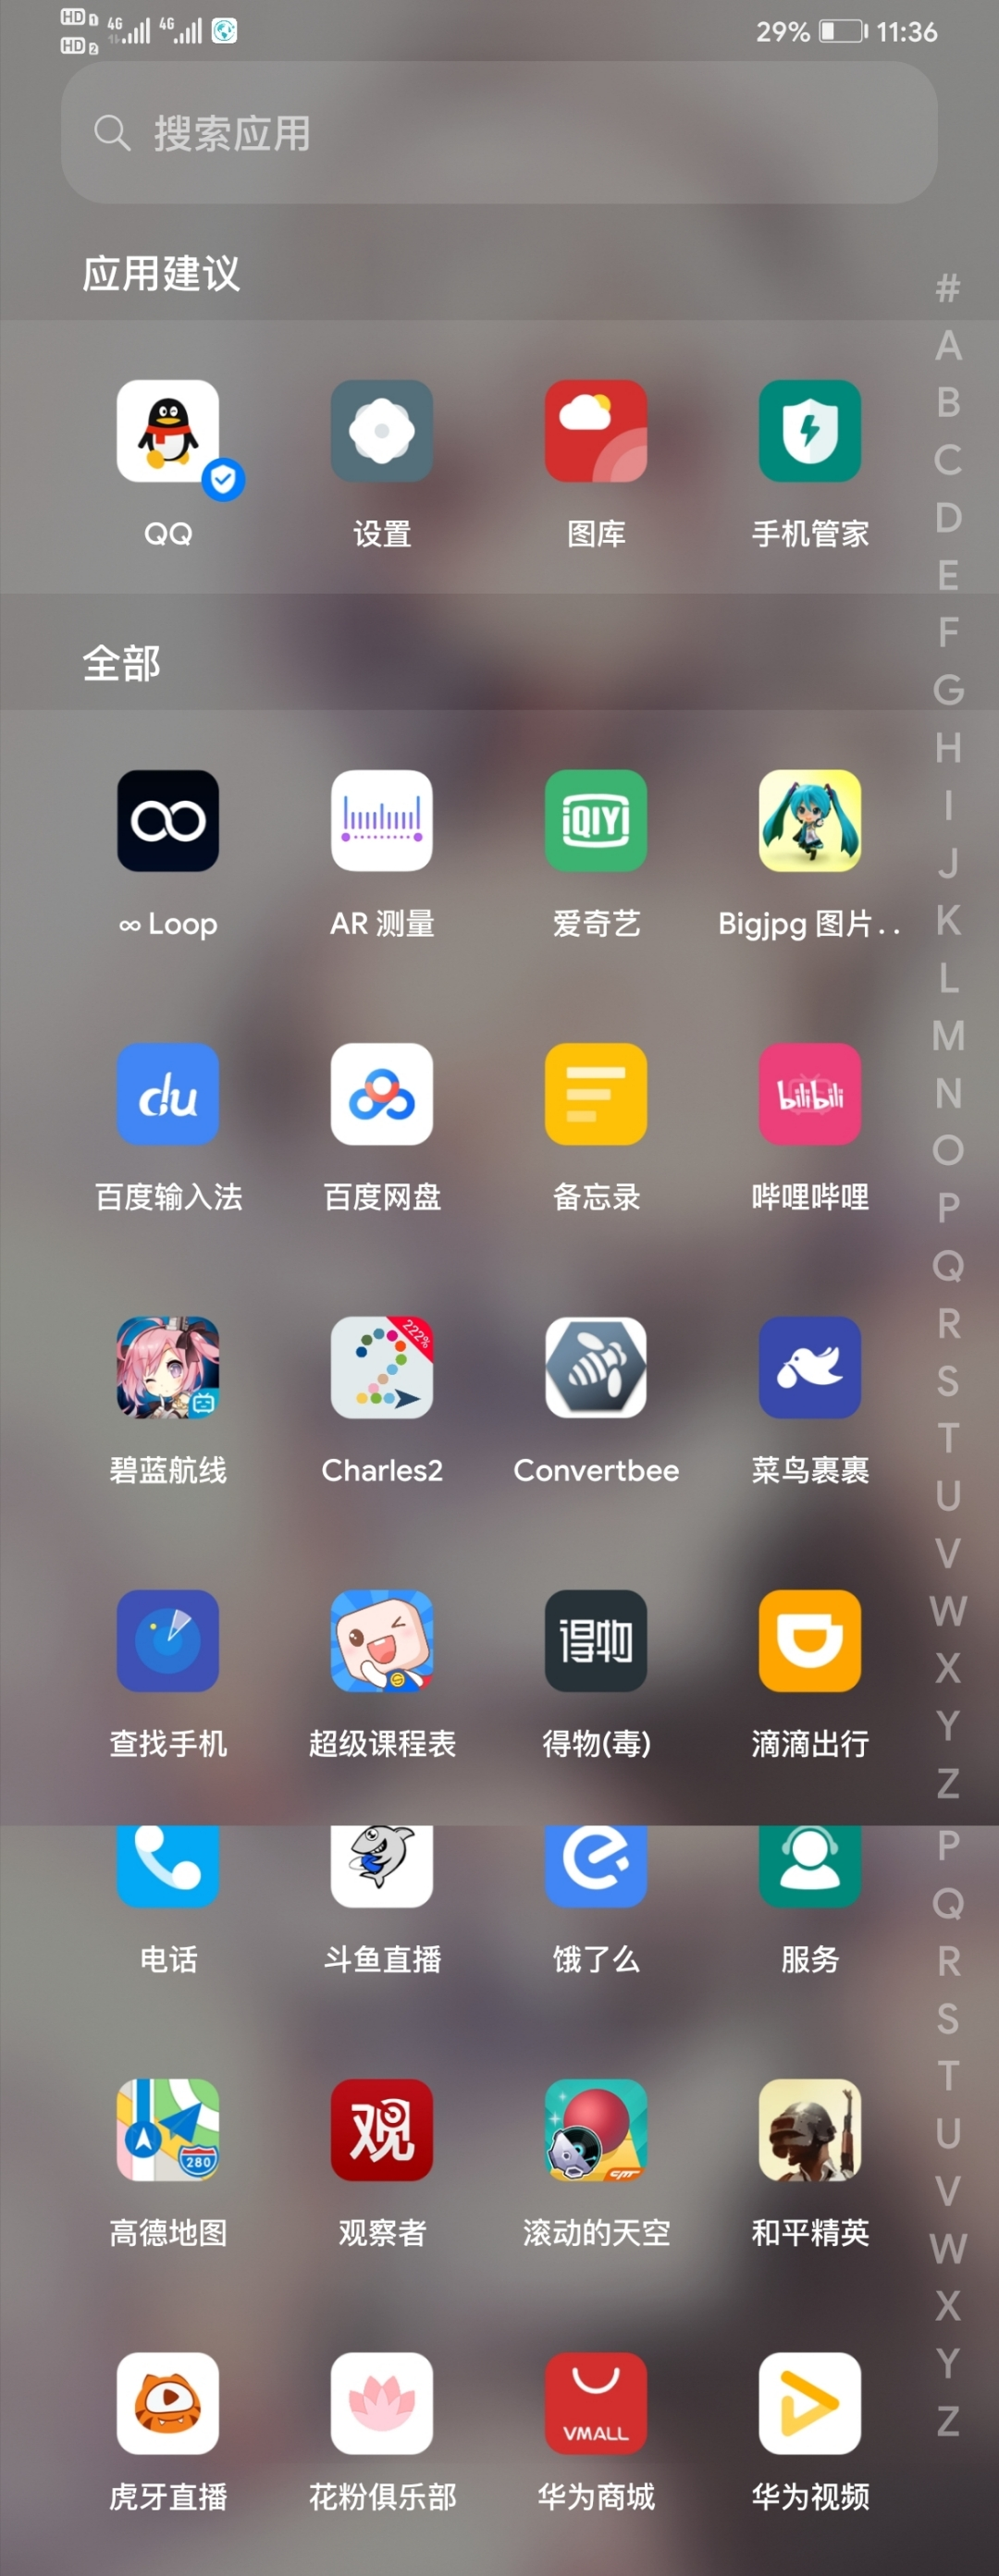 Screenshot_20200509_113631.jpg